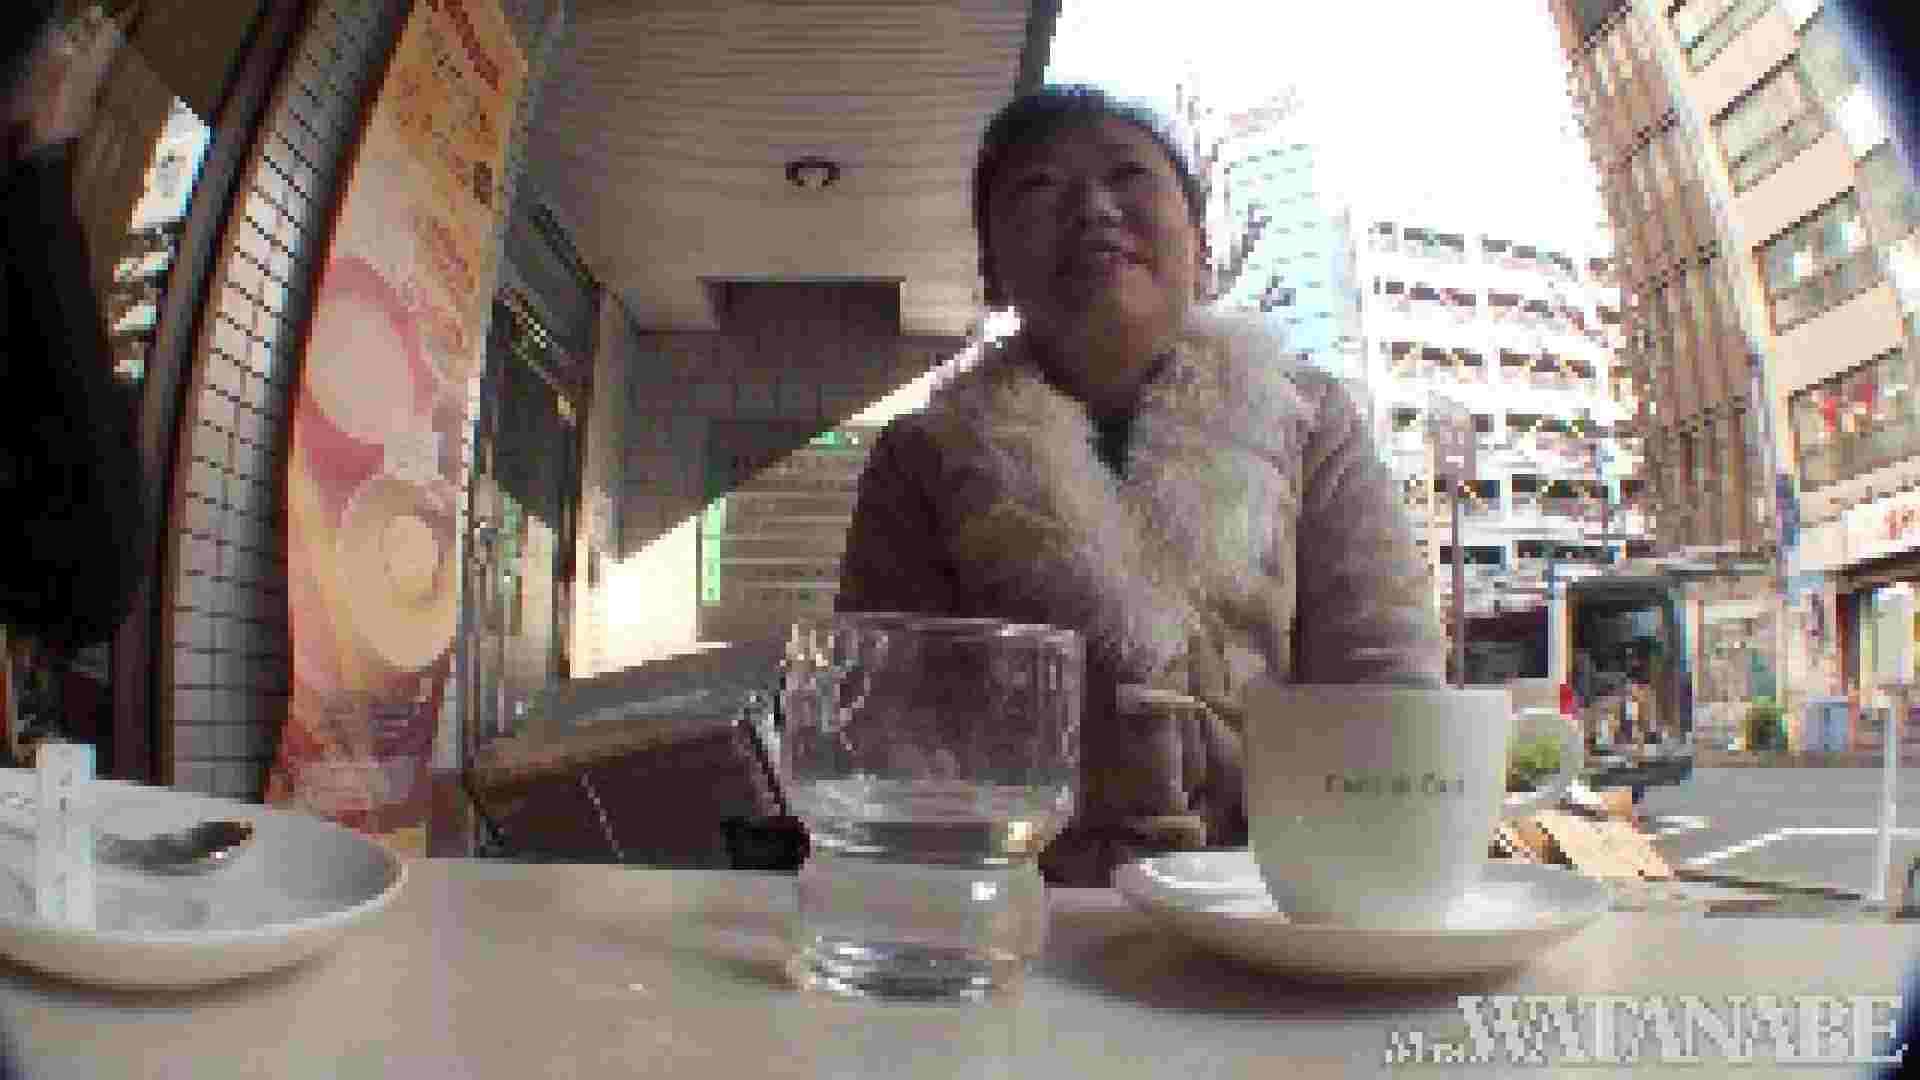 撮影スタッフを誘惑する痴熟女 かおり40歳 Vol.01 Hな熟女 えろ無修正画像 82pic 39